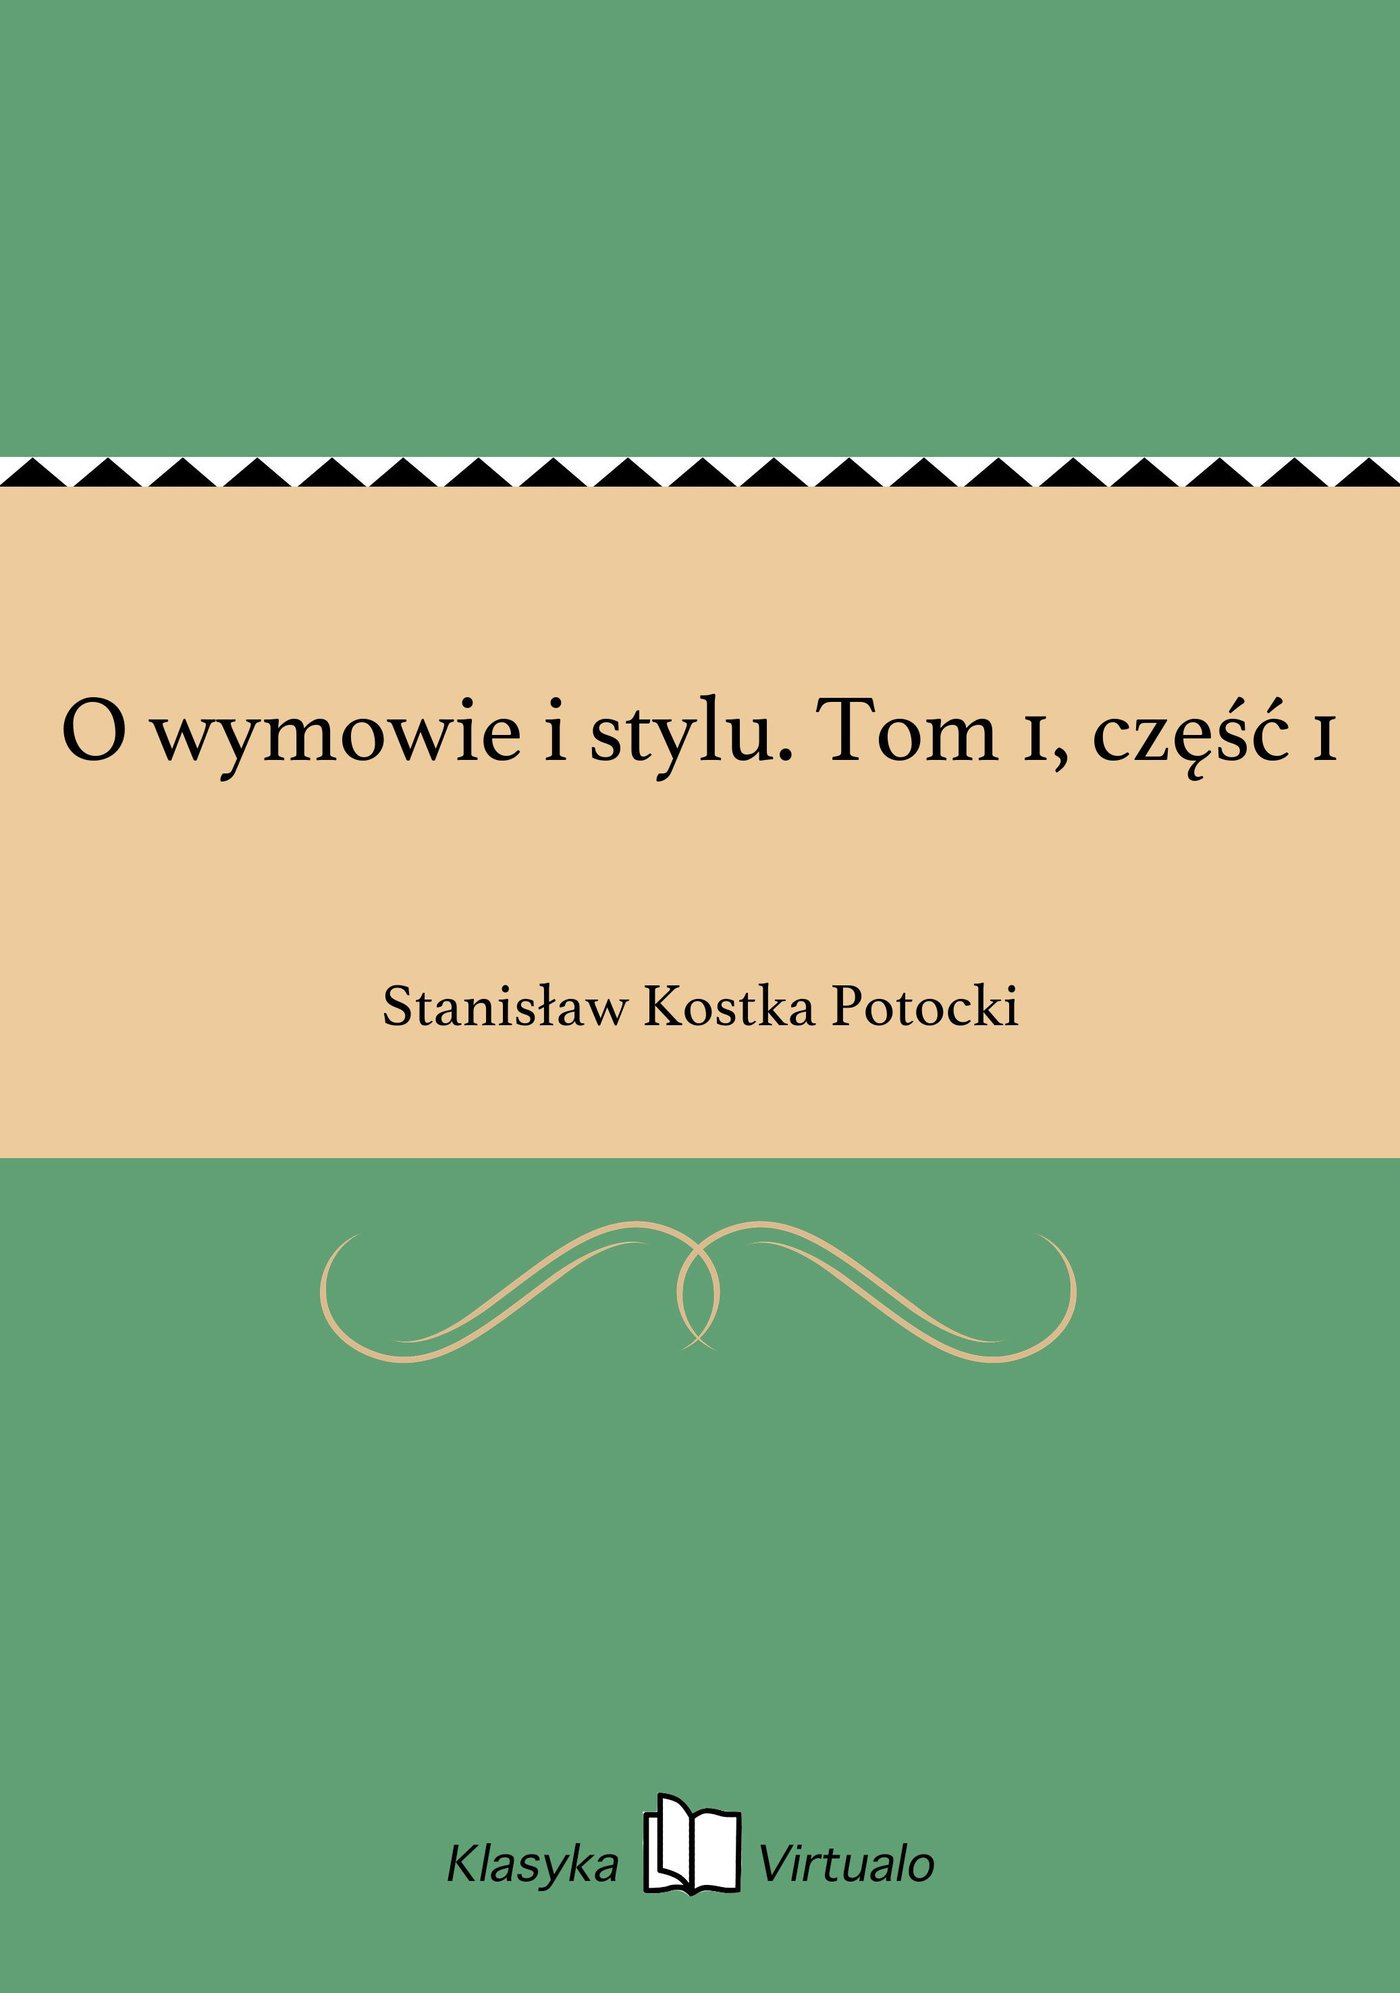 O wymowie i stylu. Tom 1, część 1 - Ebook (Książka EPUB) do pobrania w formacie EPUB